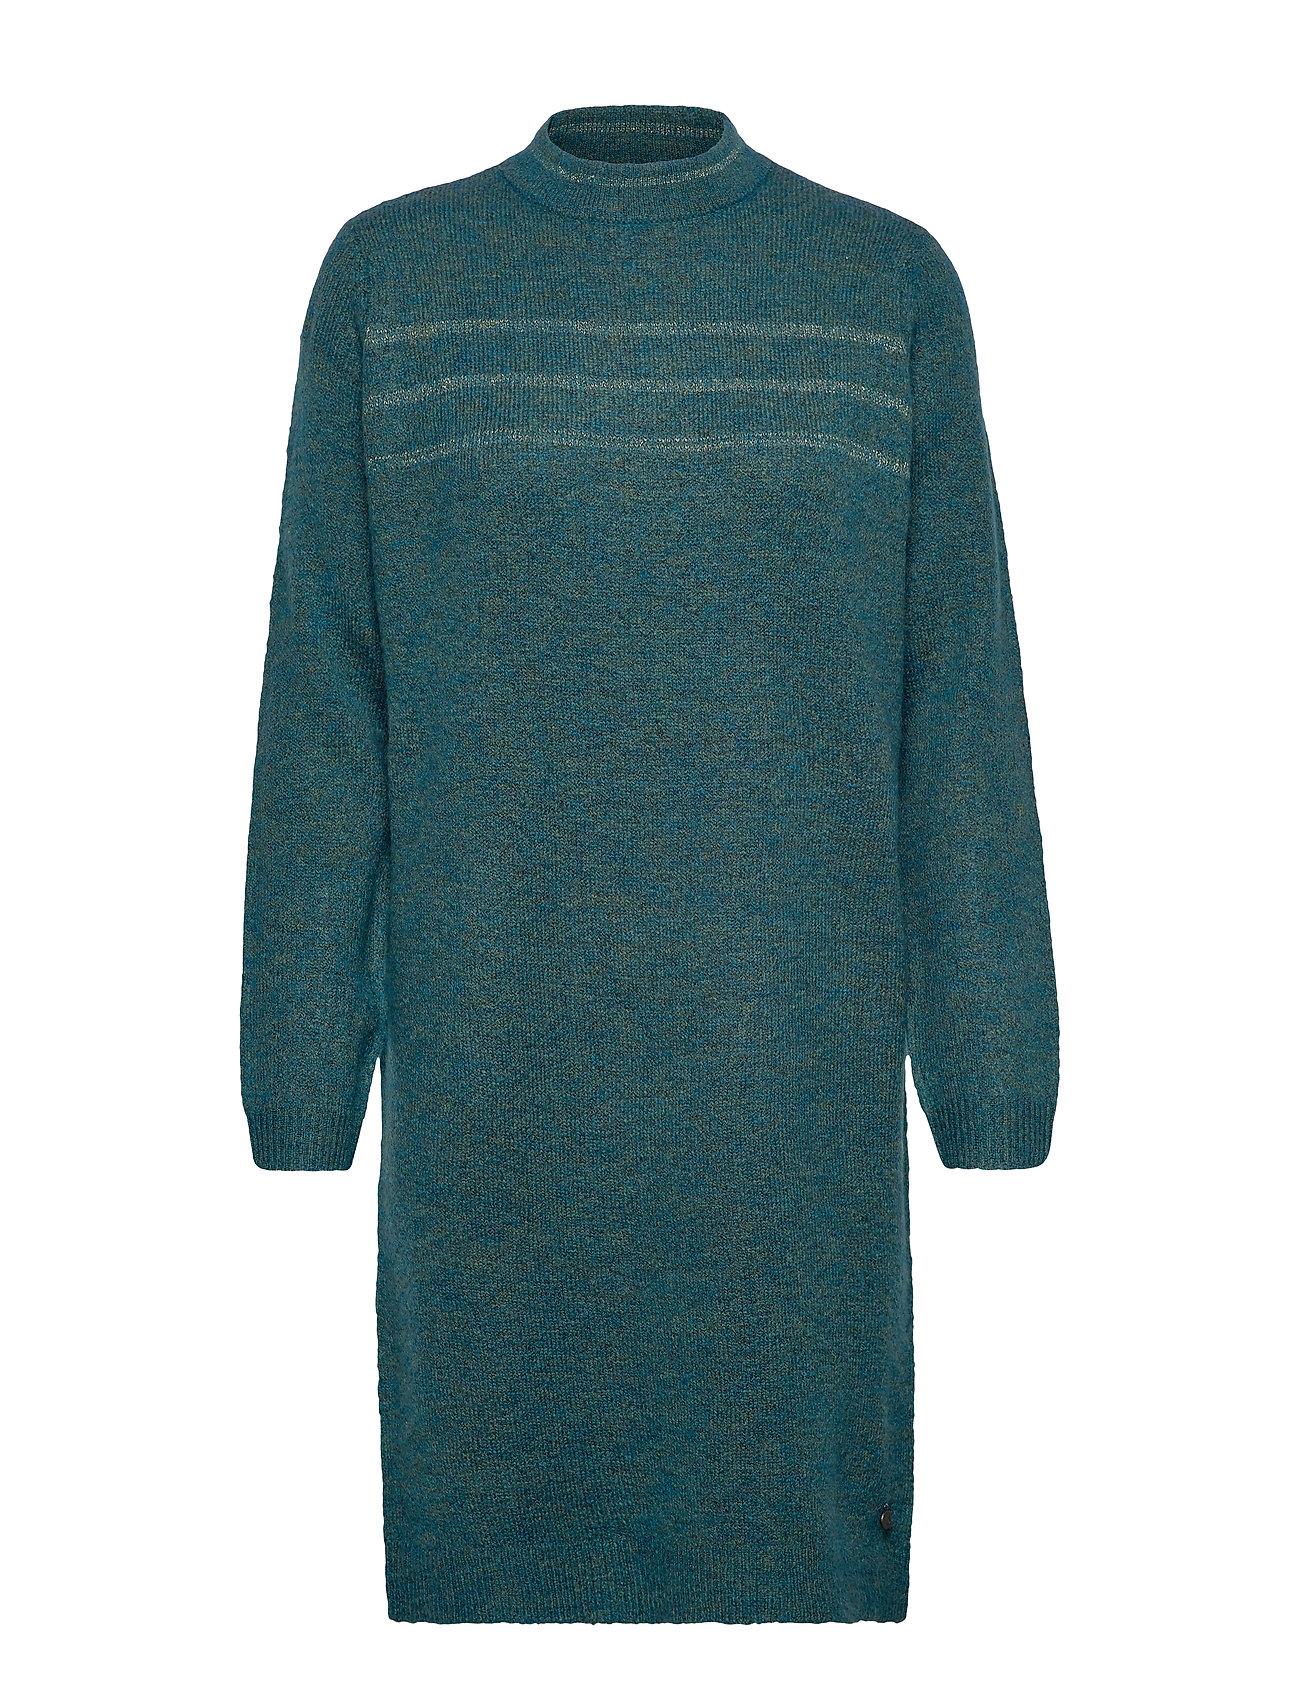 Fransa FRFIALLY 3 Dress - REFLECTING POND MELANGE